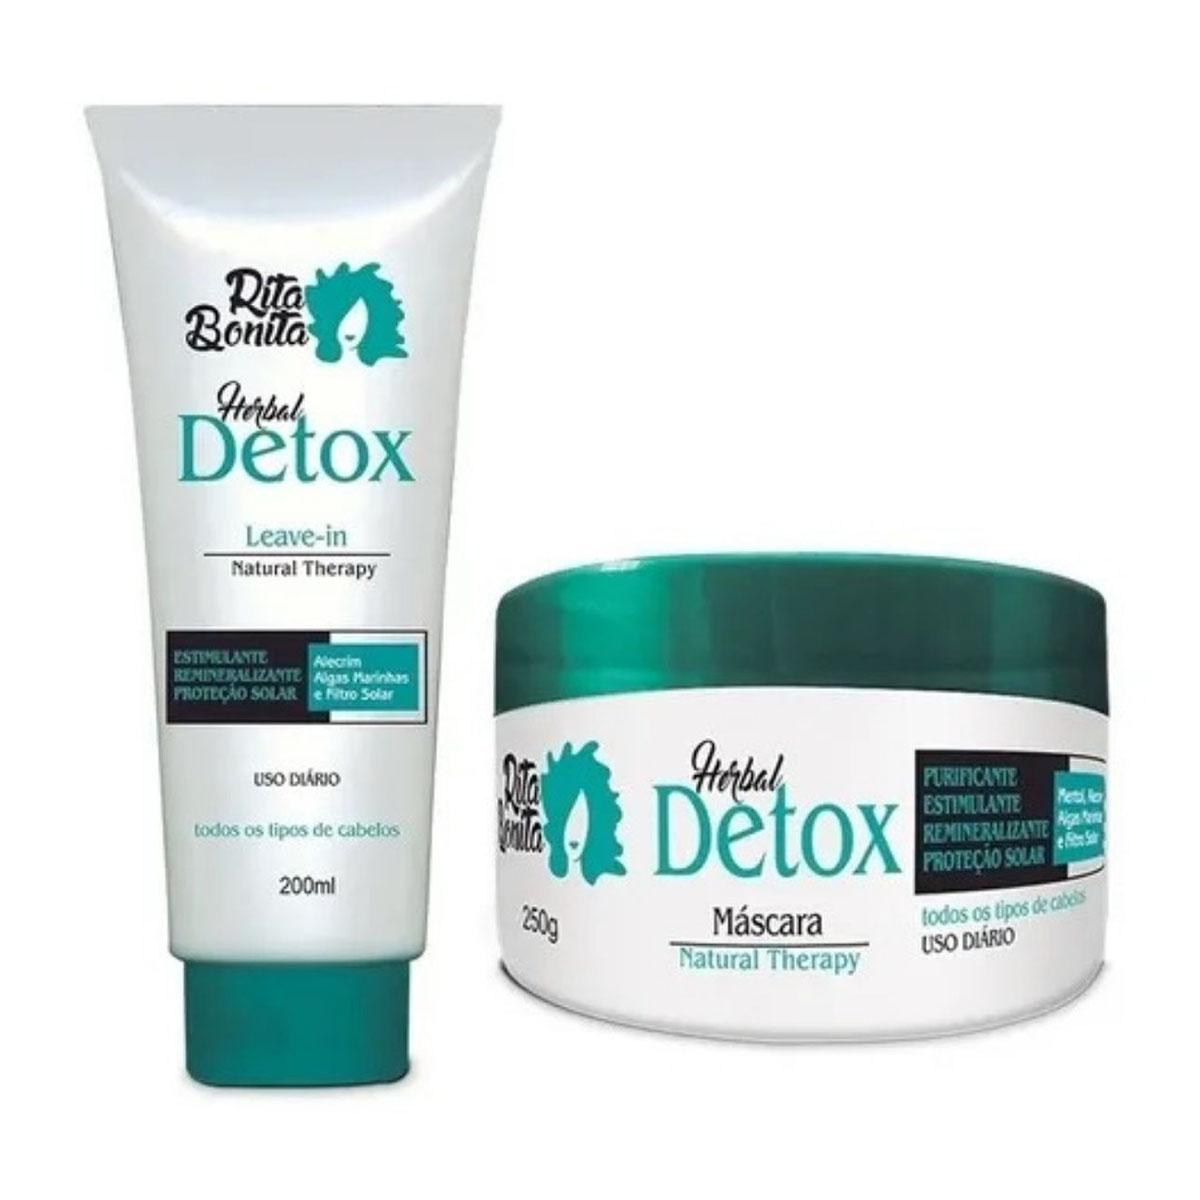 Kit Rita Bonita Herbal Detox Duo Hidratação Home Care (2 Produtos)